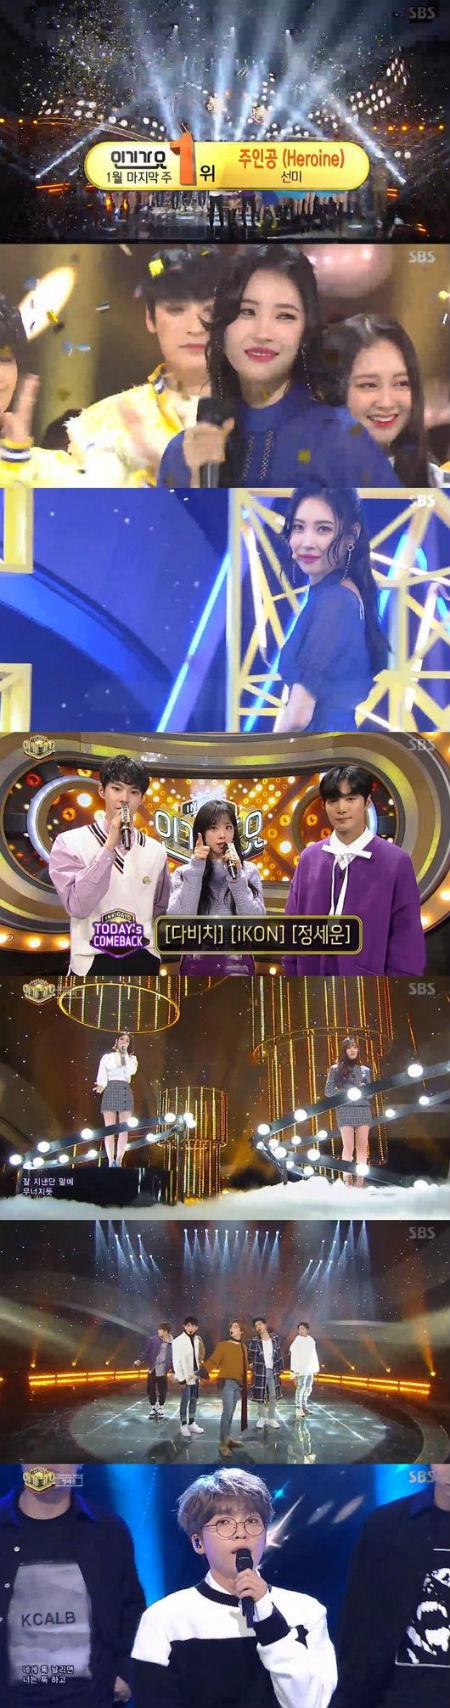 歌手ソンミ(元Wonder Girls)が「人気歌謡」に出演。「Heroine」が1位となり、3冠を達成した。(提供:OSEN)